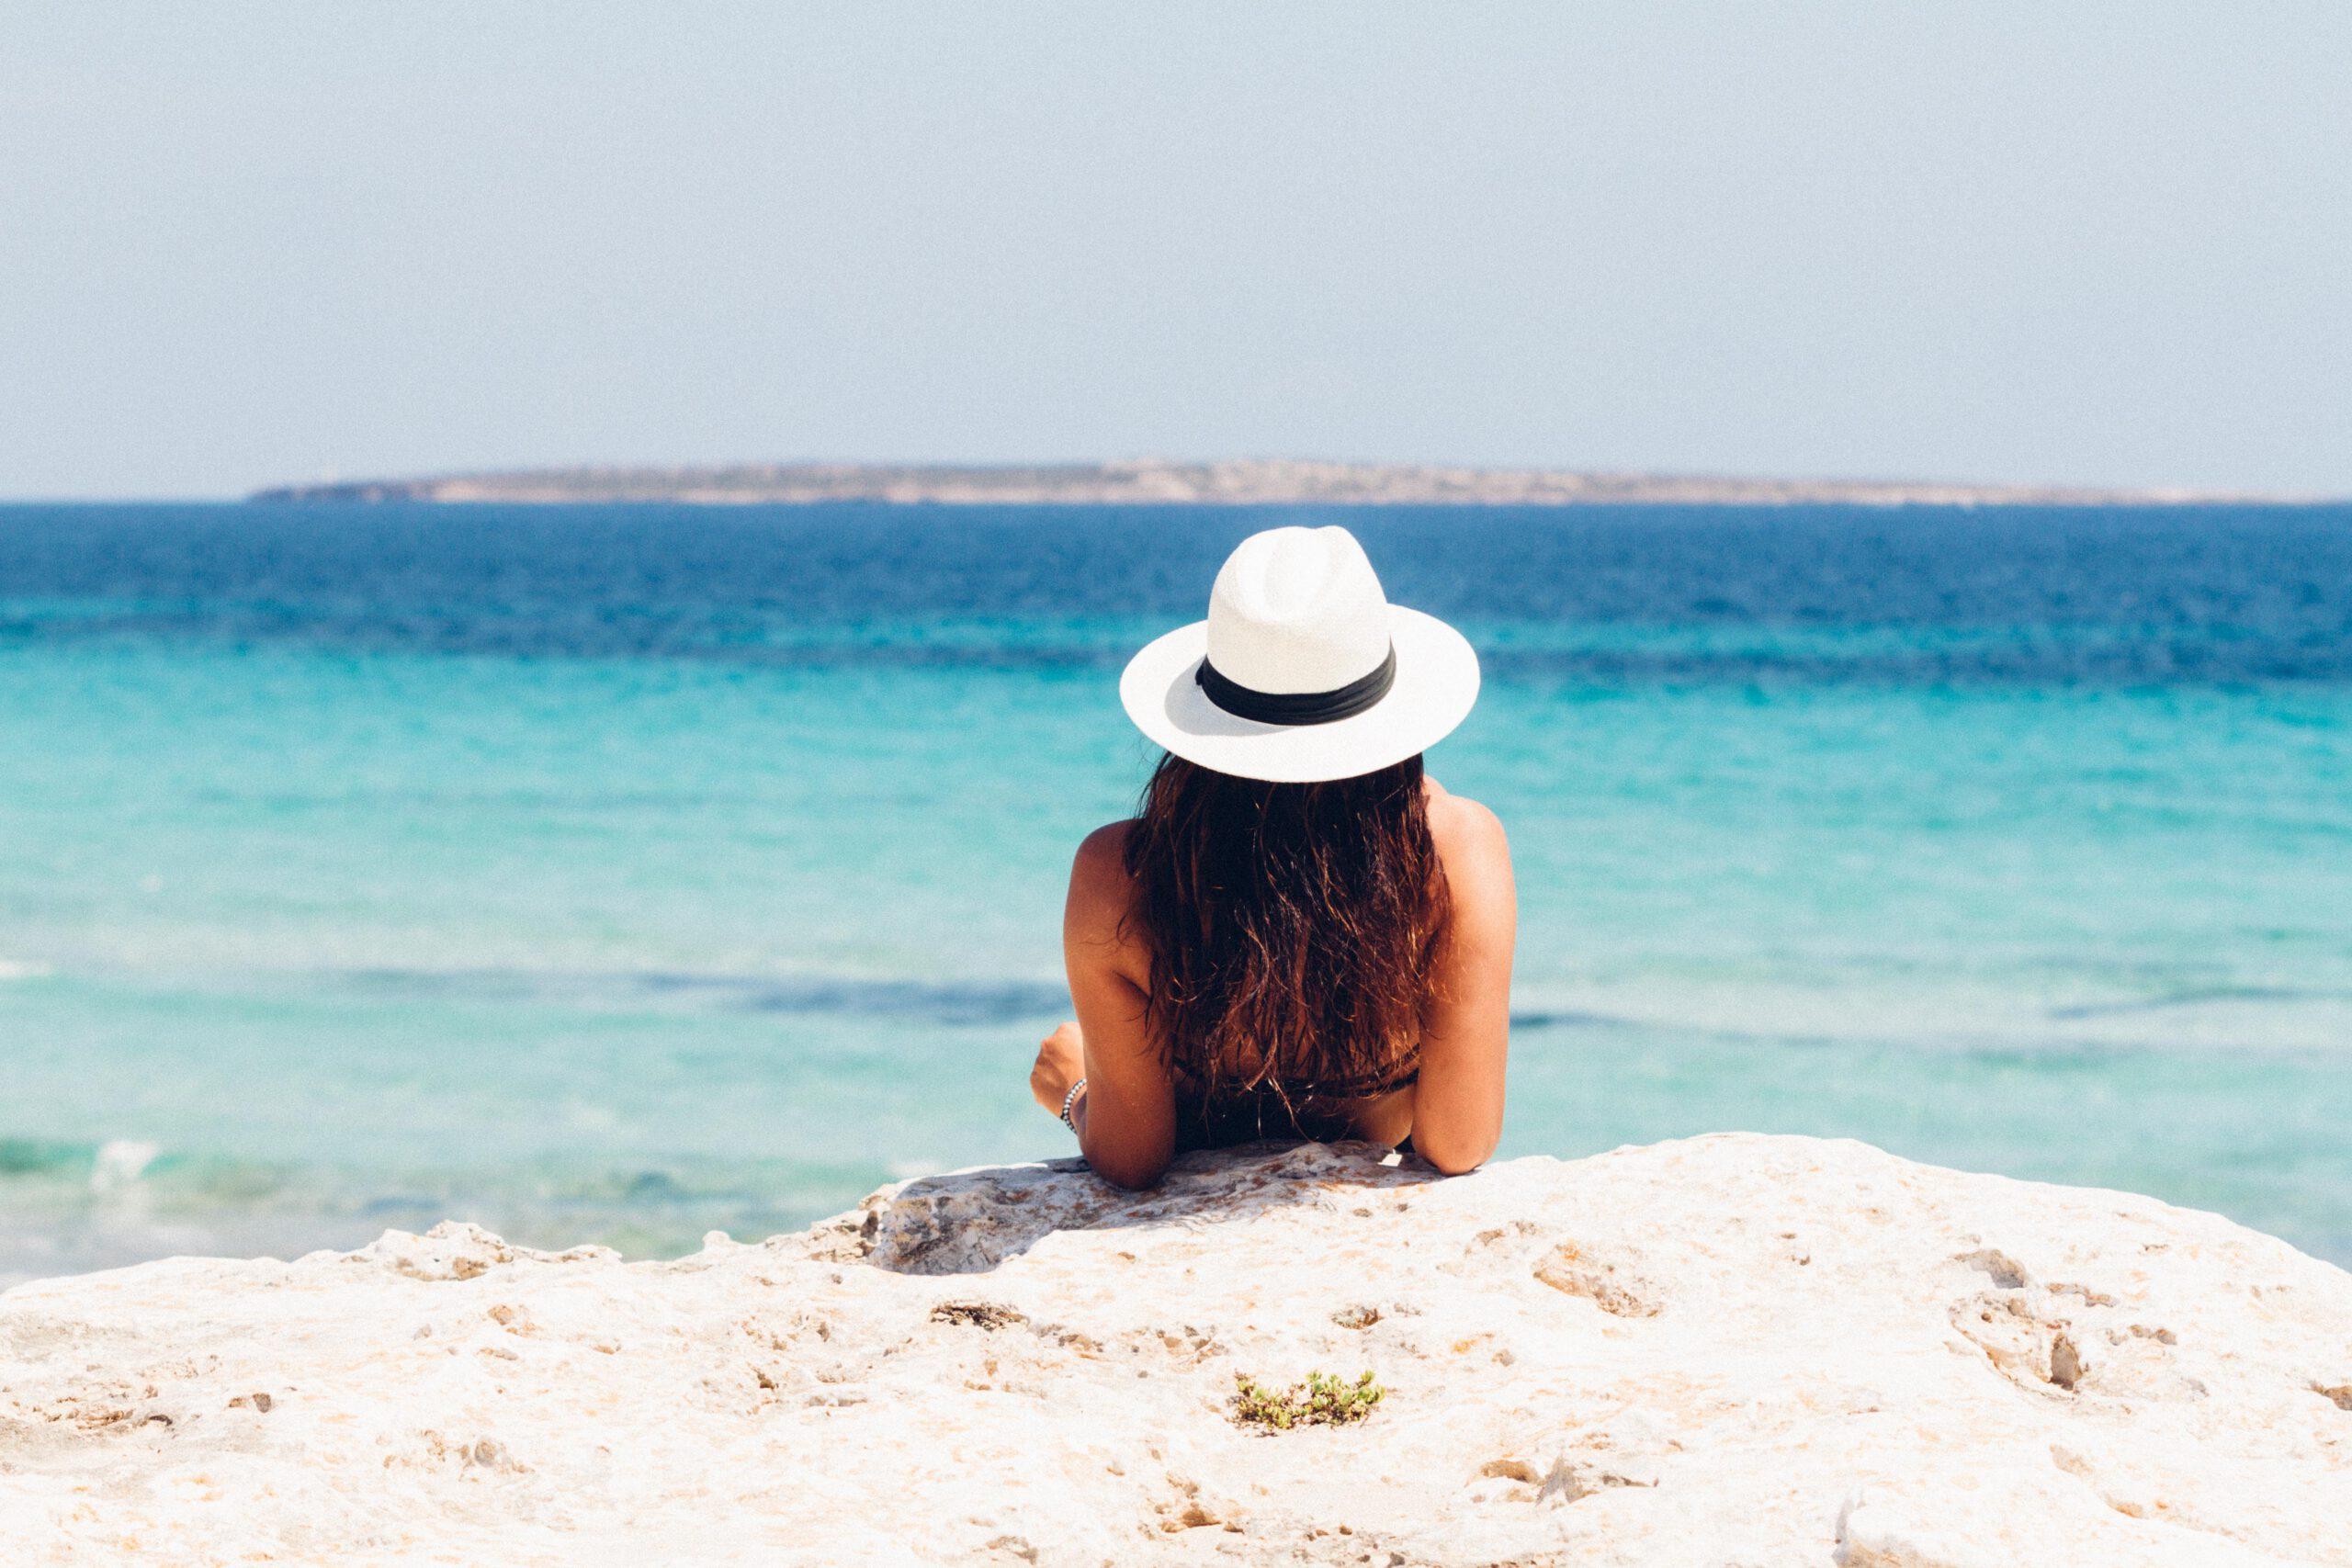 Zwroty dla organizatorów turystyki oraz przewoźników w związku z koronawirusem